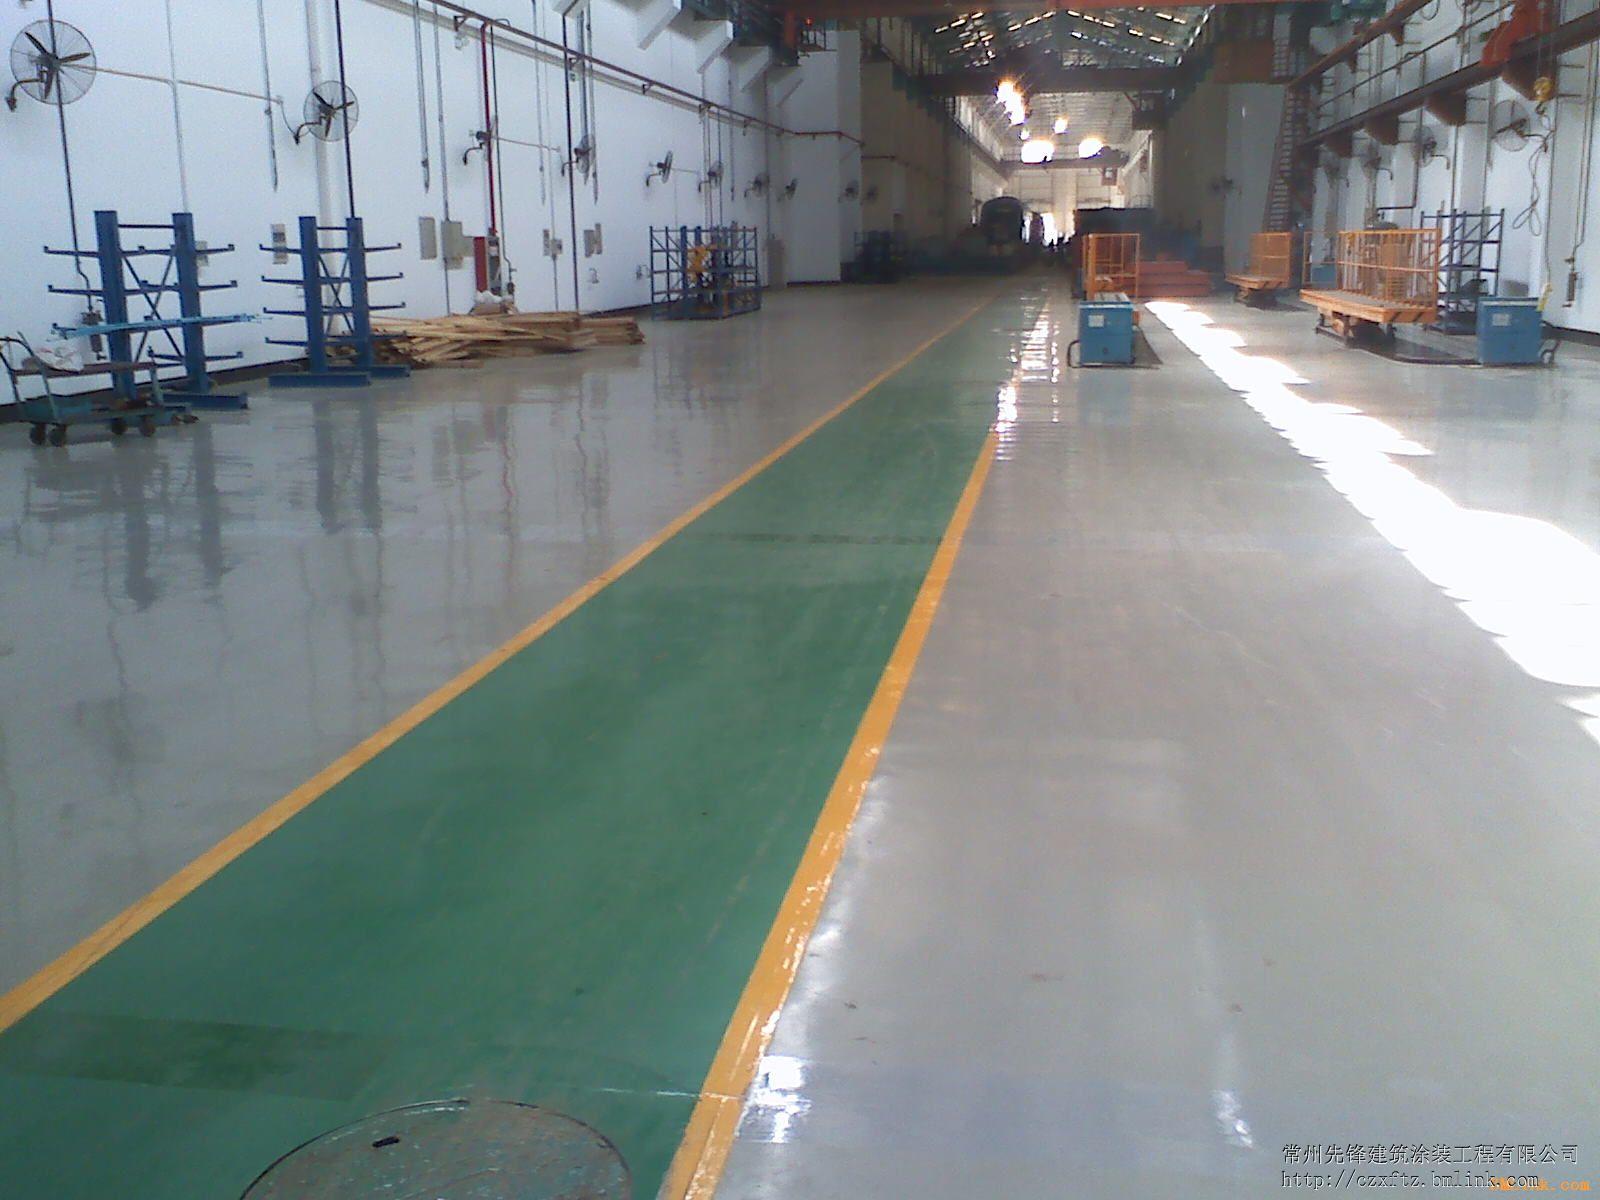 供应永嘉环氧地坪改造工程 环氧防静电地坪